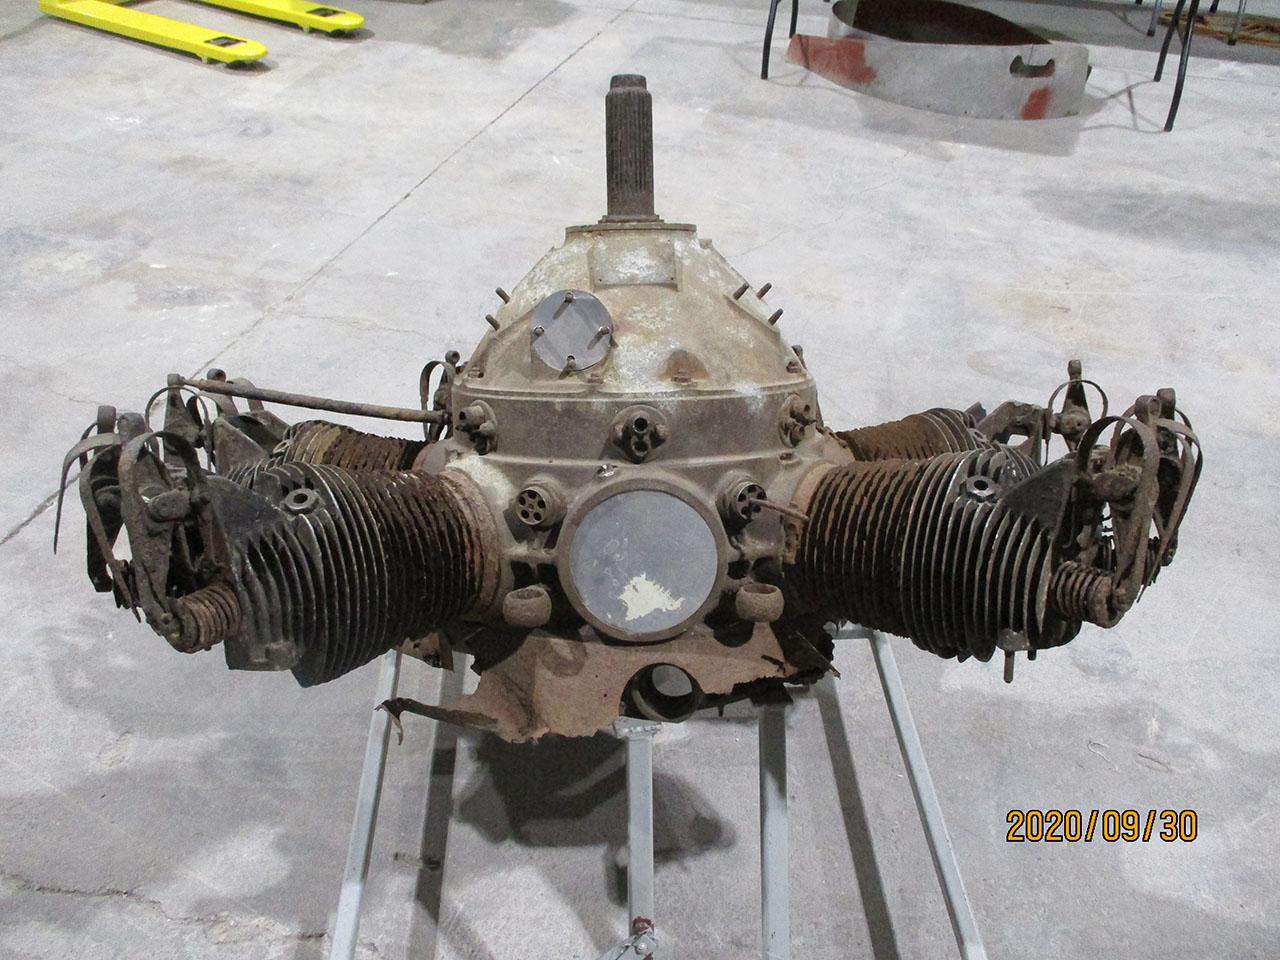 Vedette engine